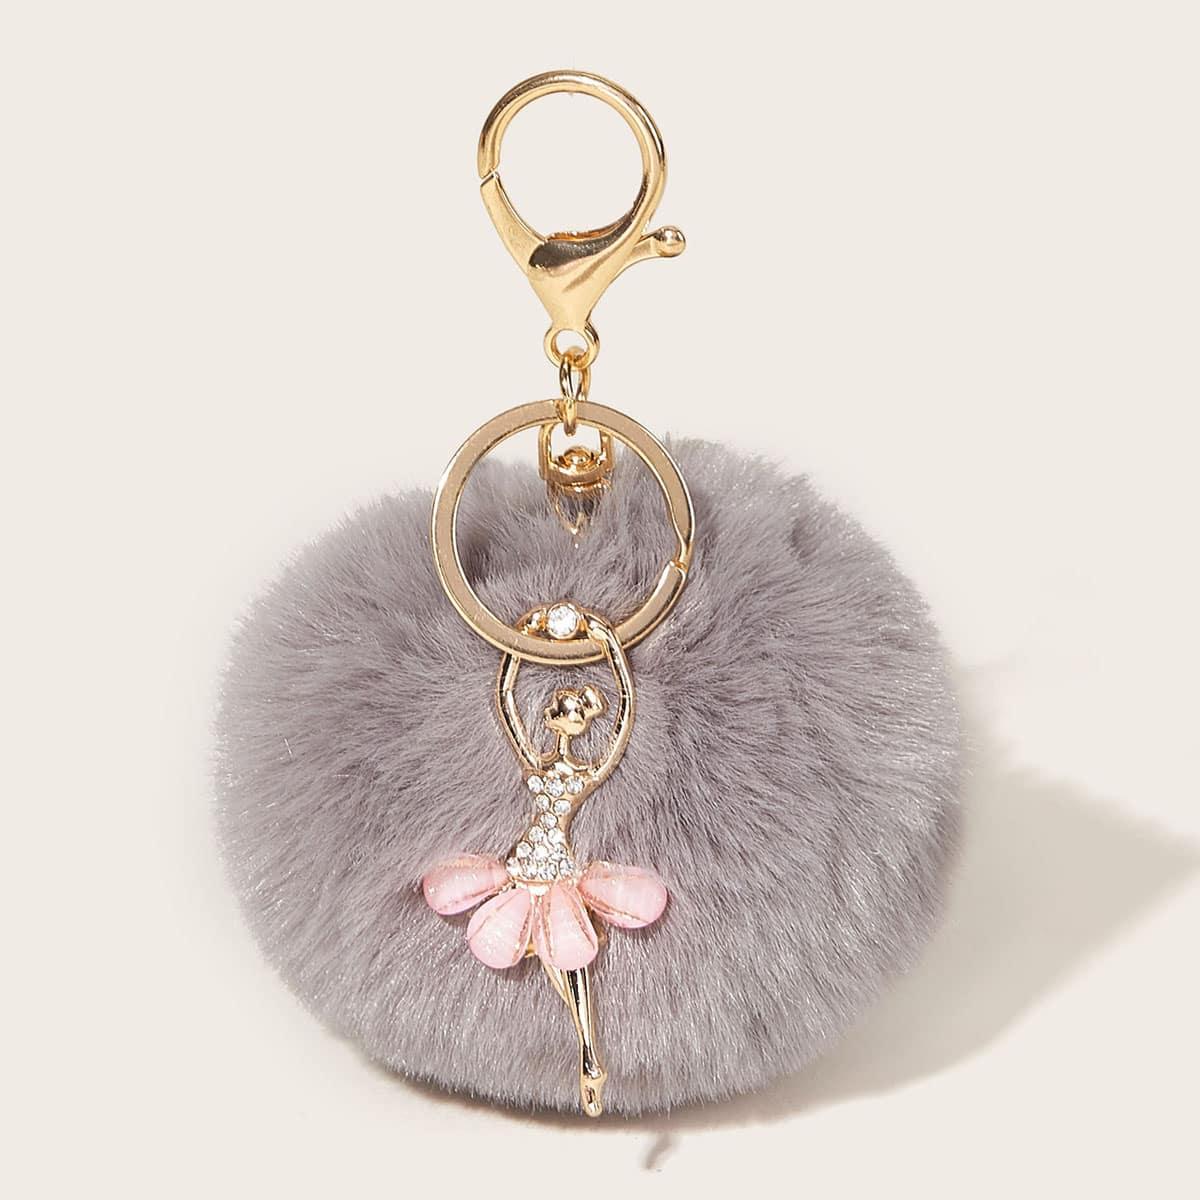 Faux Fur Pom Pom Charm Key Chain